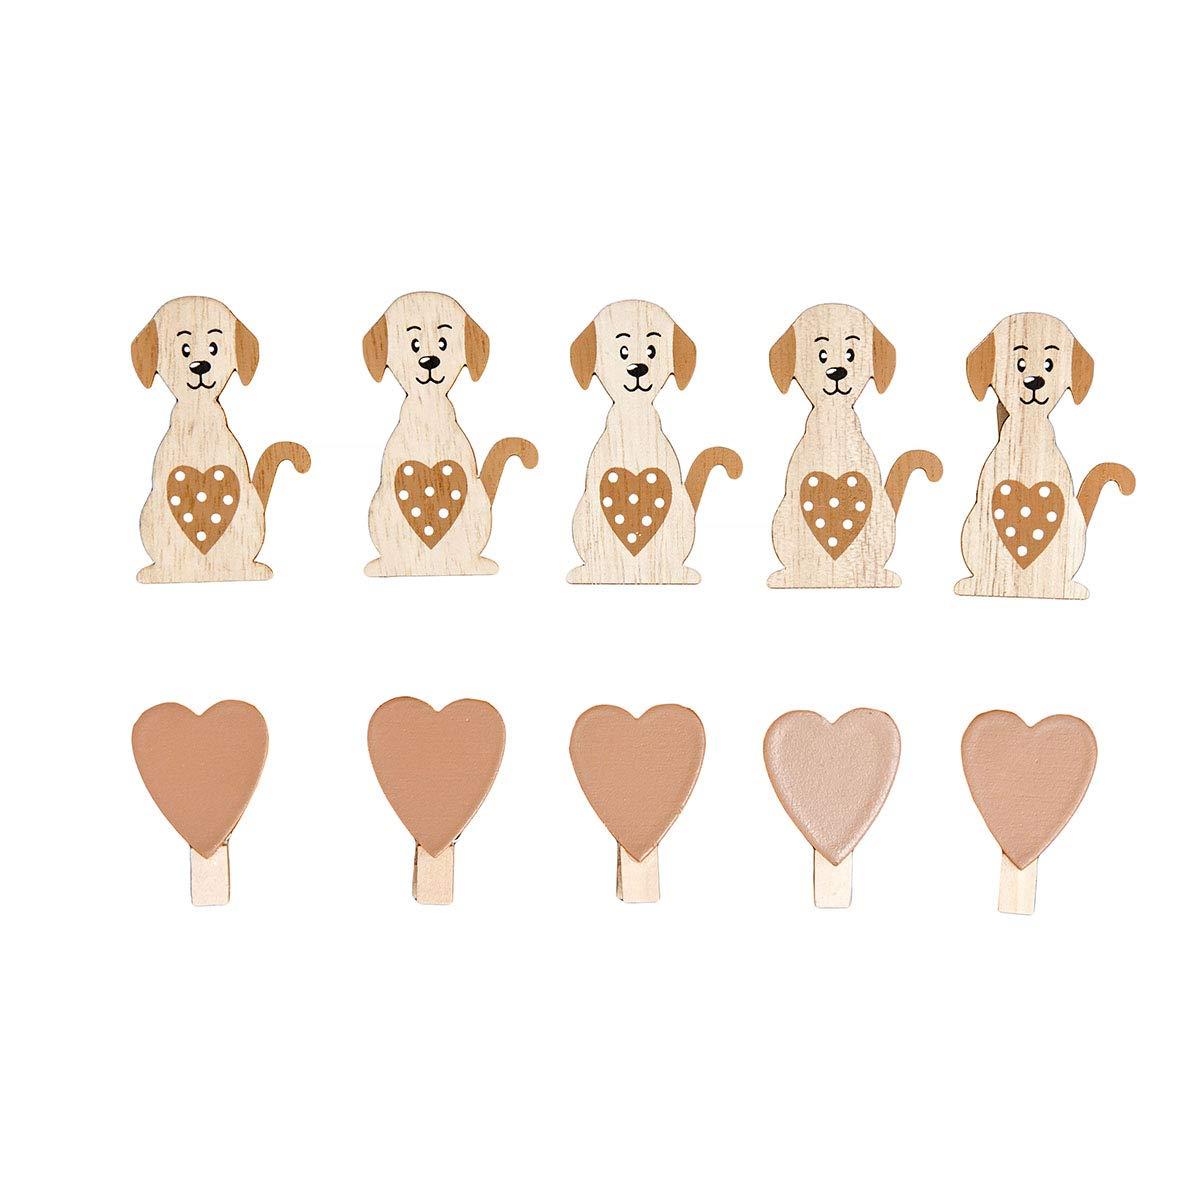 naturelle marron Cadre photo p/êle-m/êle murale forme c/œur en bois pour les amoureux des animaux et chiens tableau /à message tableau /à m/émo 39 x 39 cm avec 5 chien et 5 coeur clips